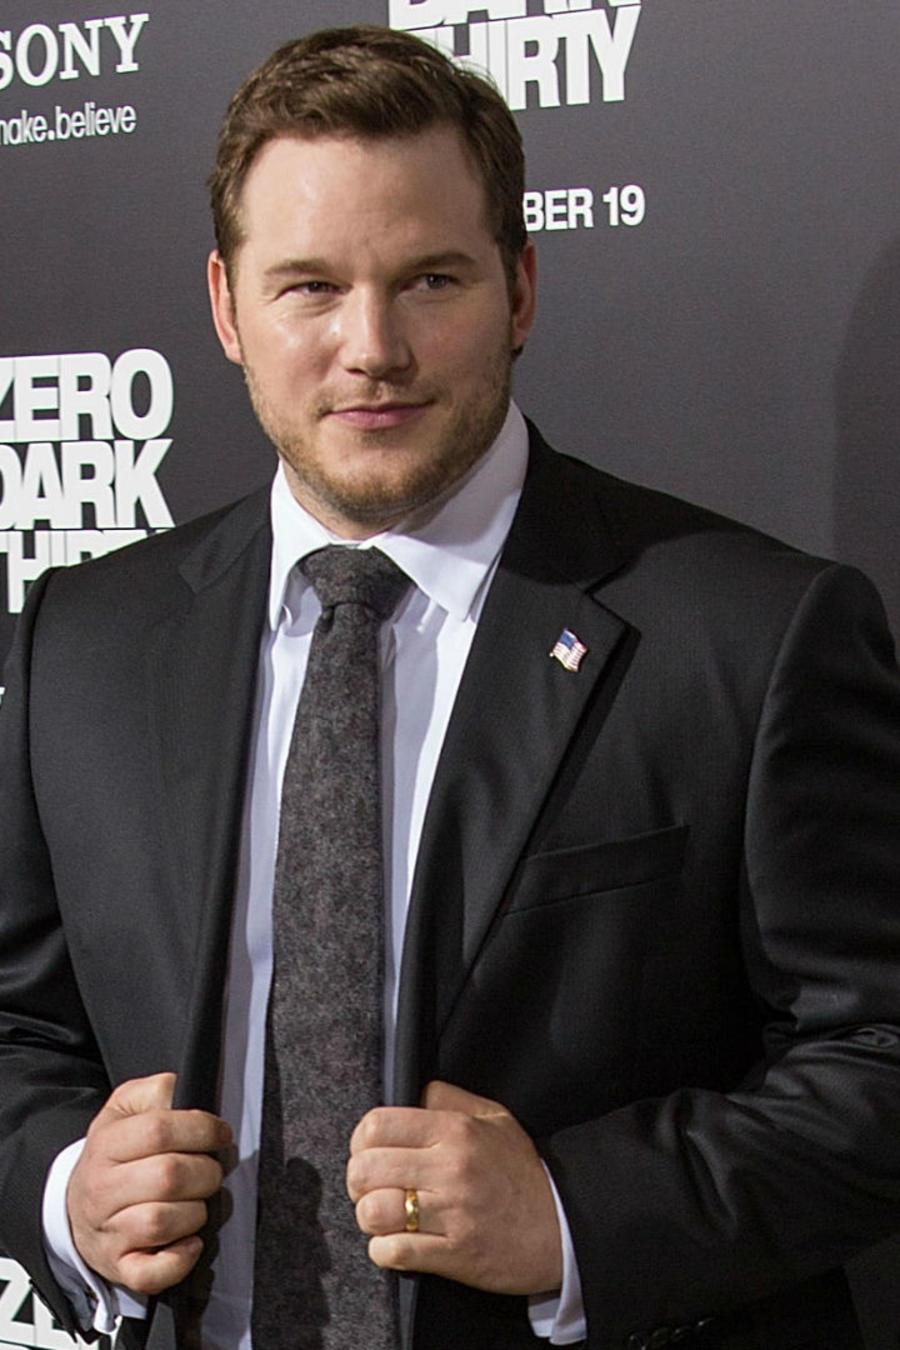 Chris Pratt estreno de Zero Dark Thirty